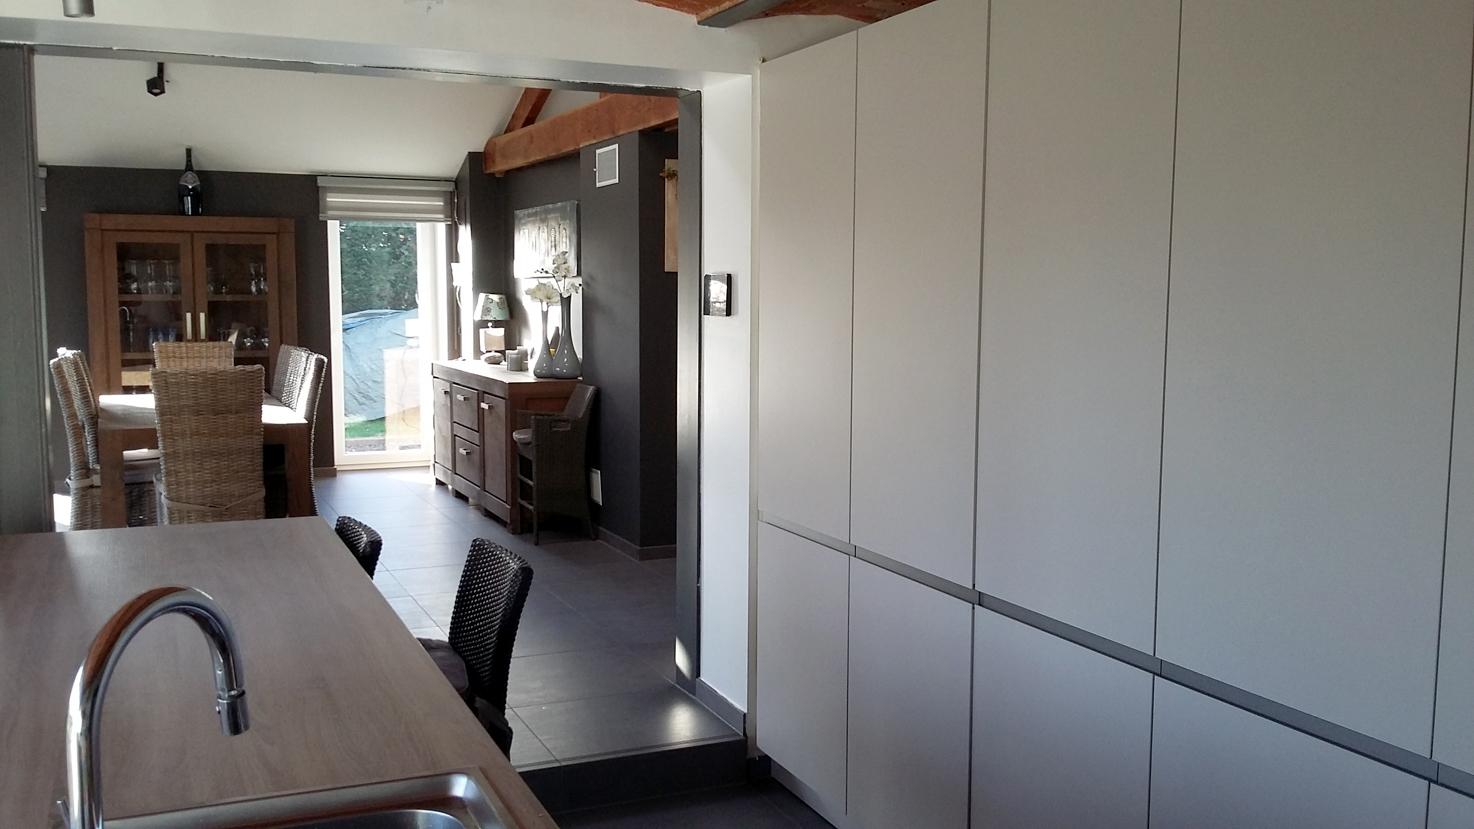 cuisine 1 architecte d 39 int rieur wallonie. Black Bedroom Furniture Sets. Home Design Ideas